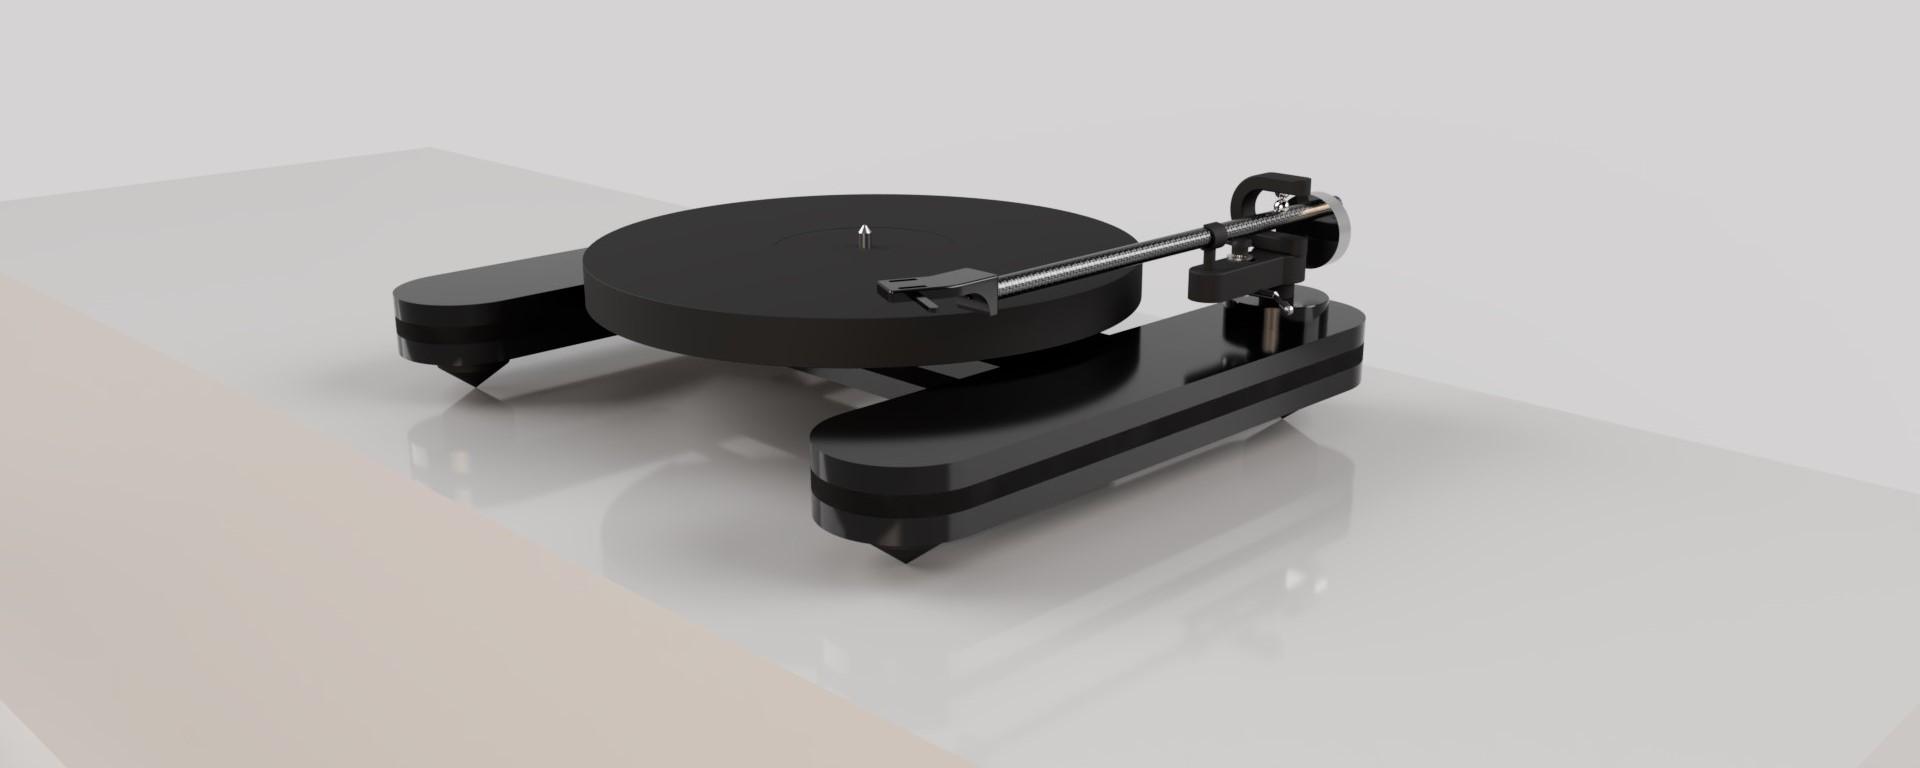 Modell H - schwarz